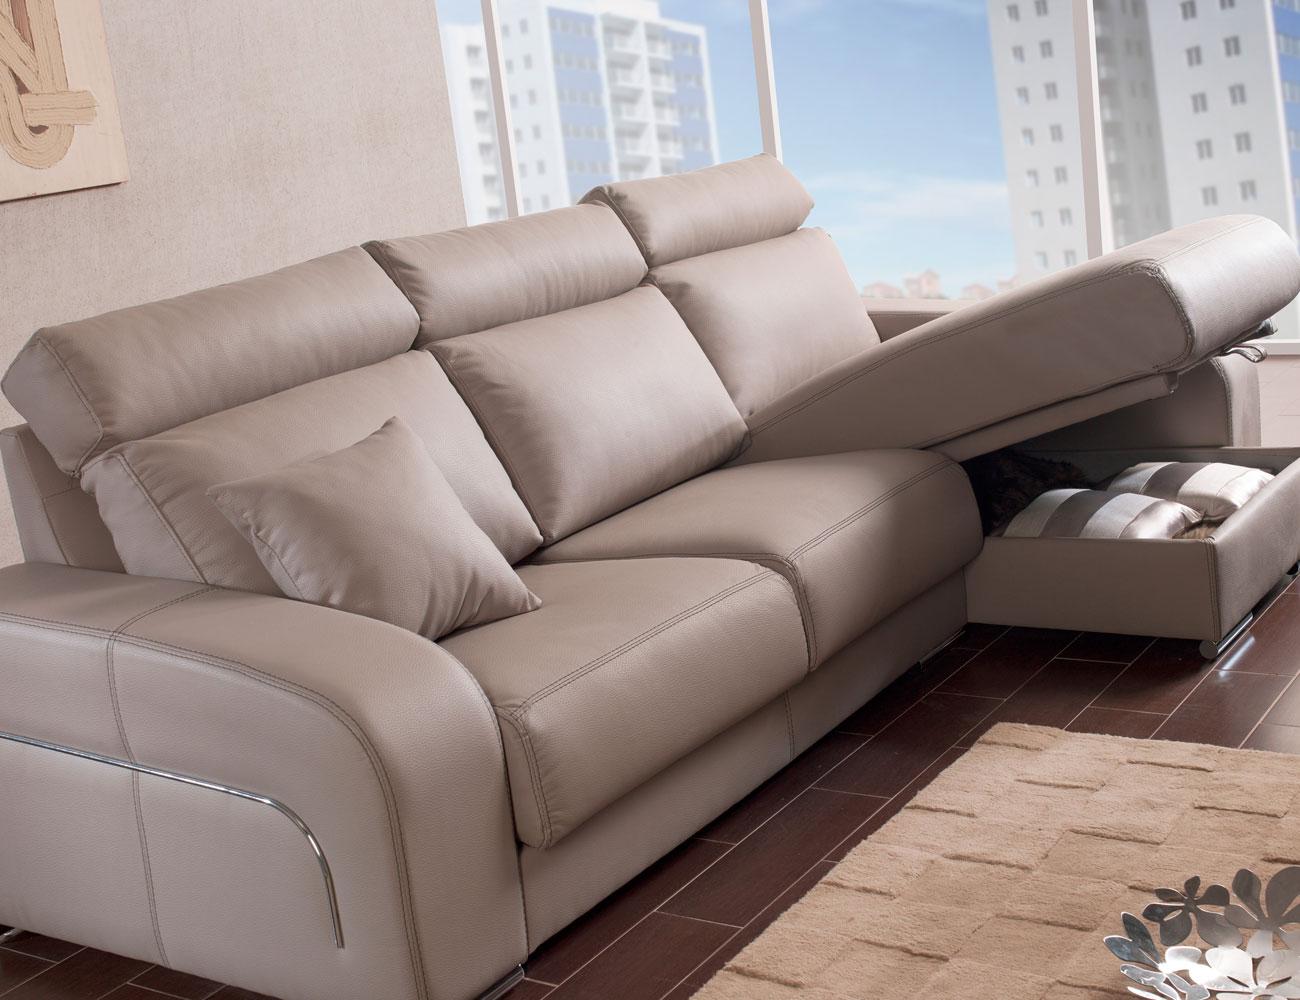 Sofa chaiselongue moderno pared cero arcon12